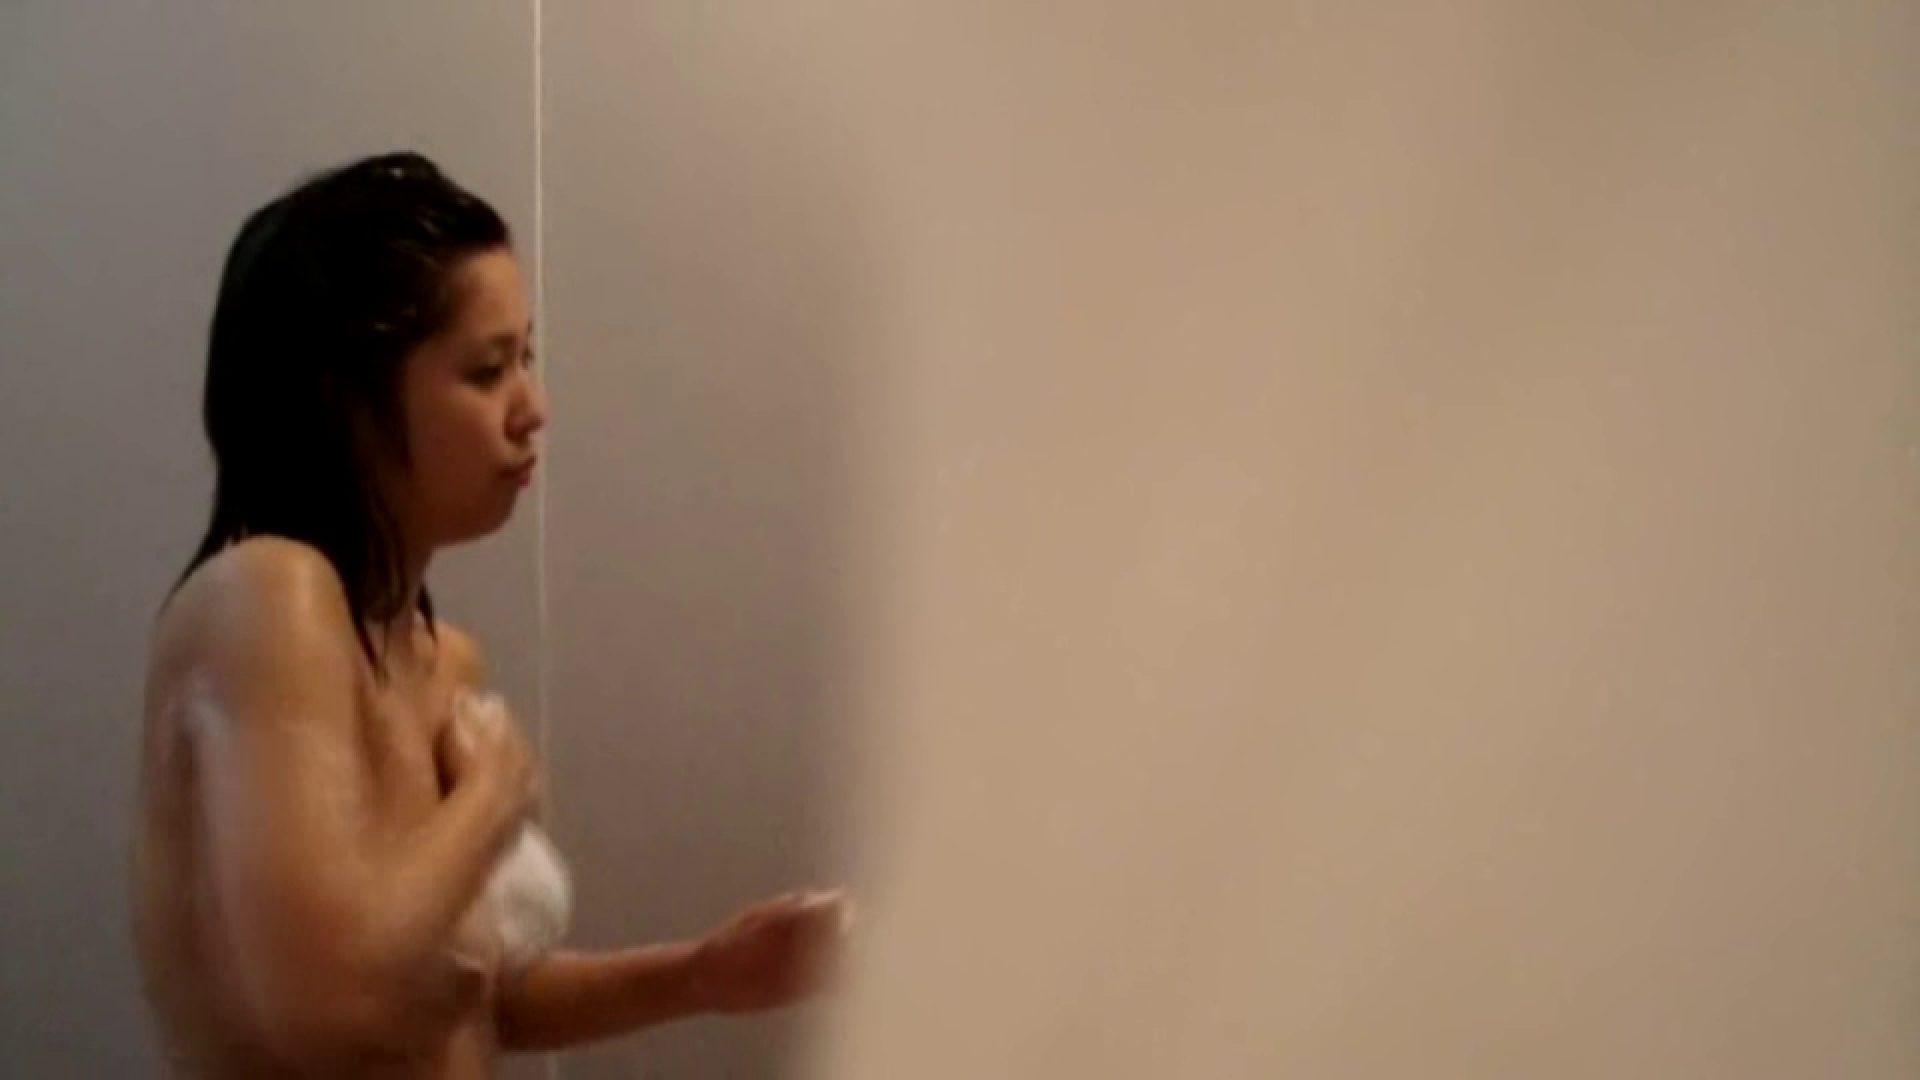 vol.2 葵のグラドル顔負けの爆乳を入浴シーンでどうぞ。 むっちり ぱこり動画紹介 111画像 84